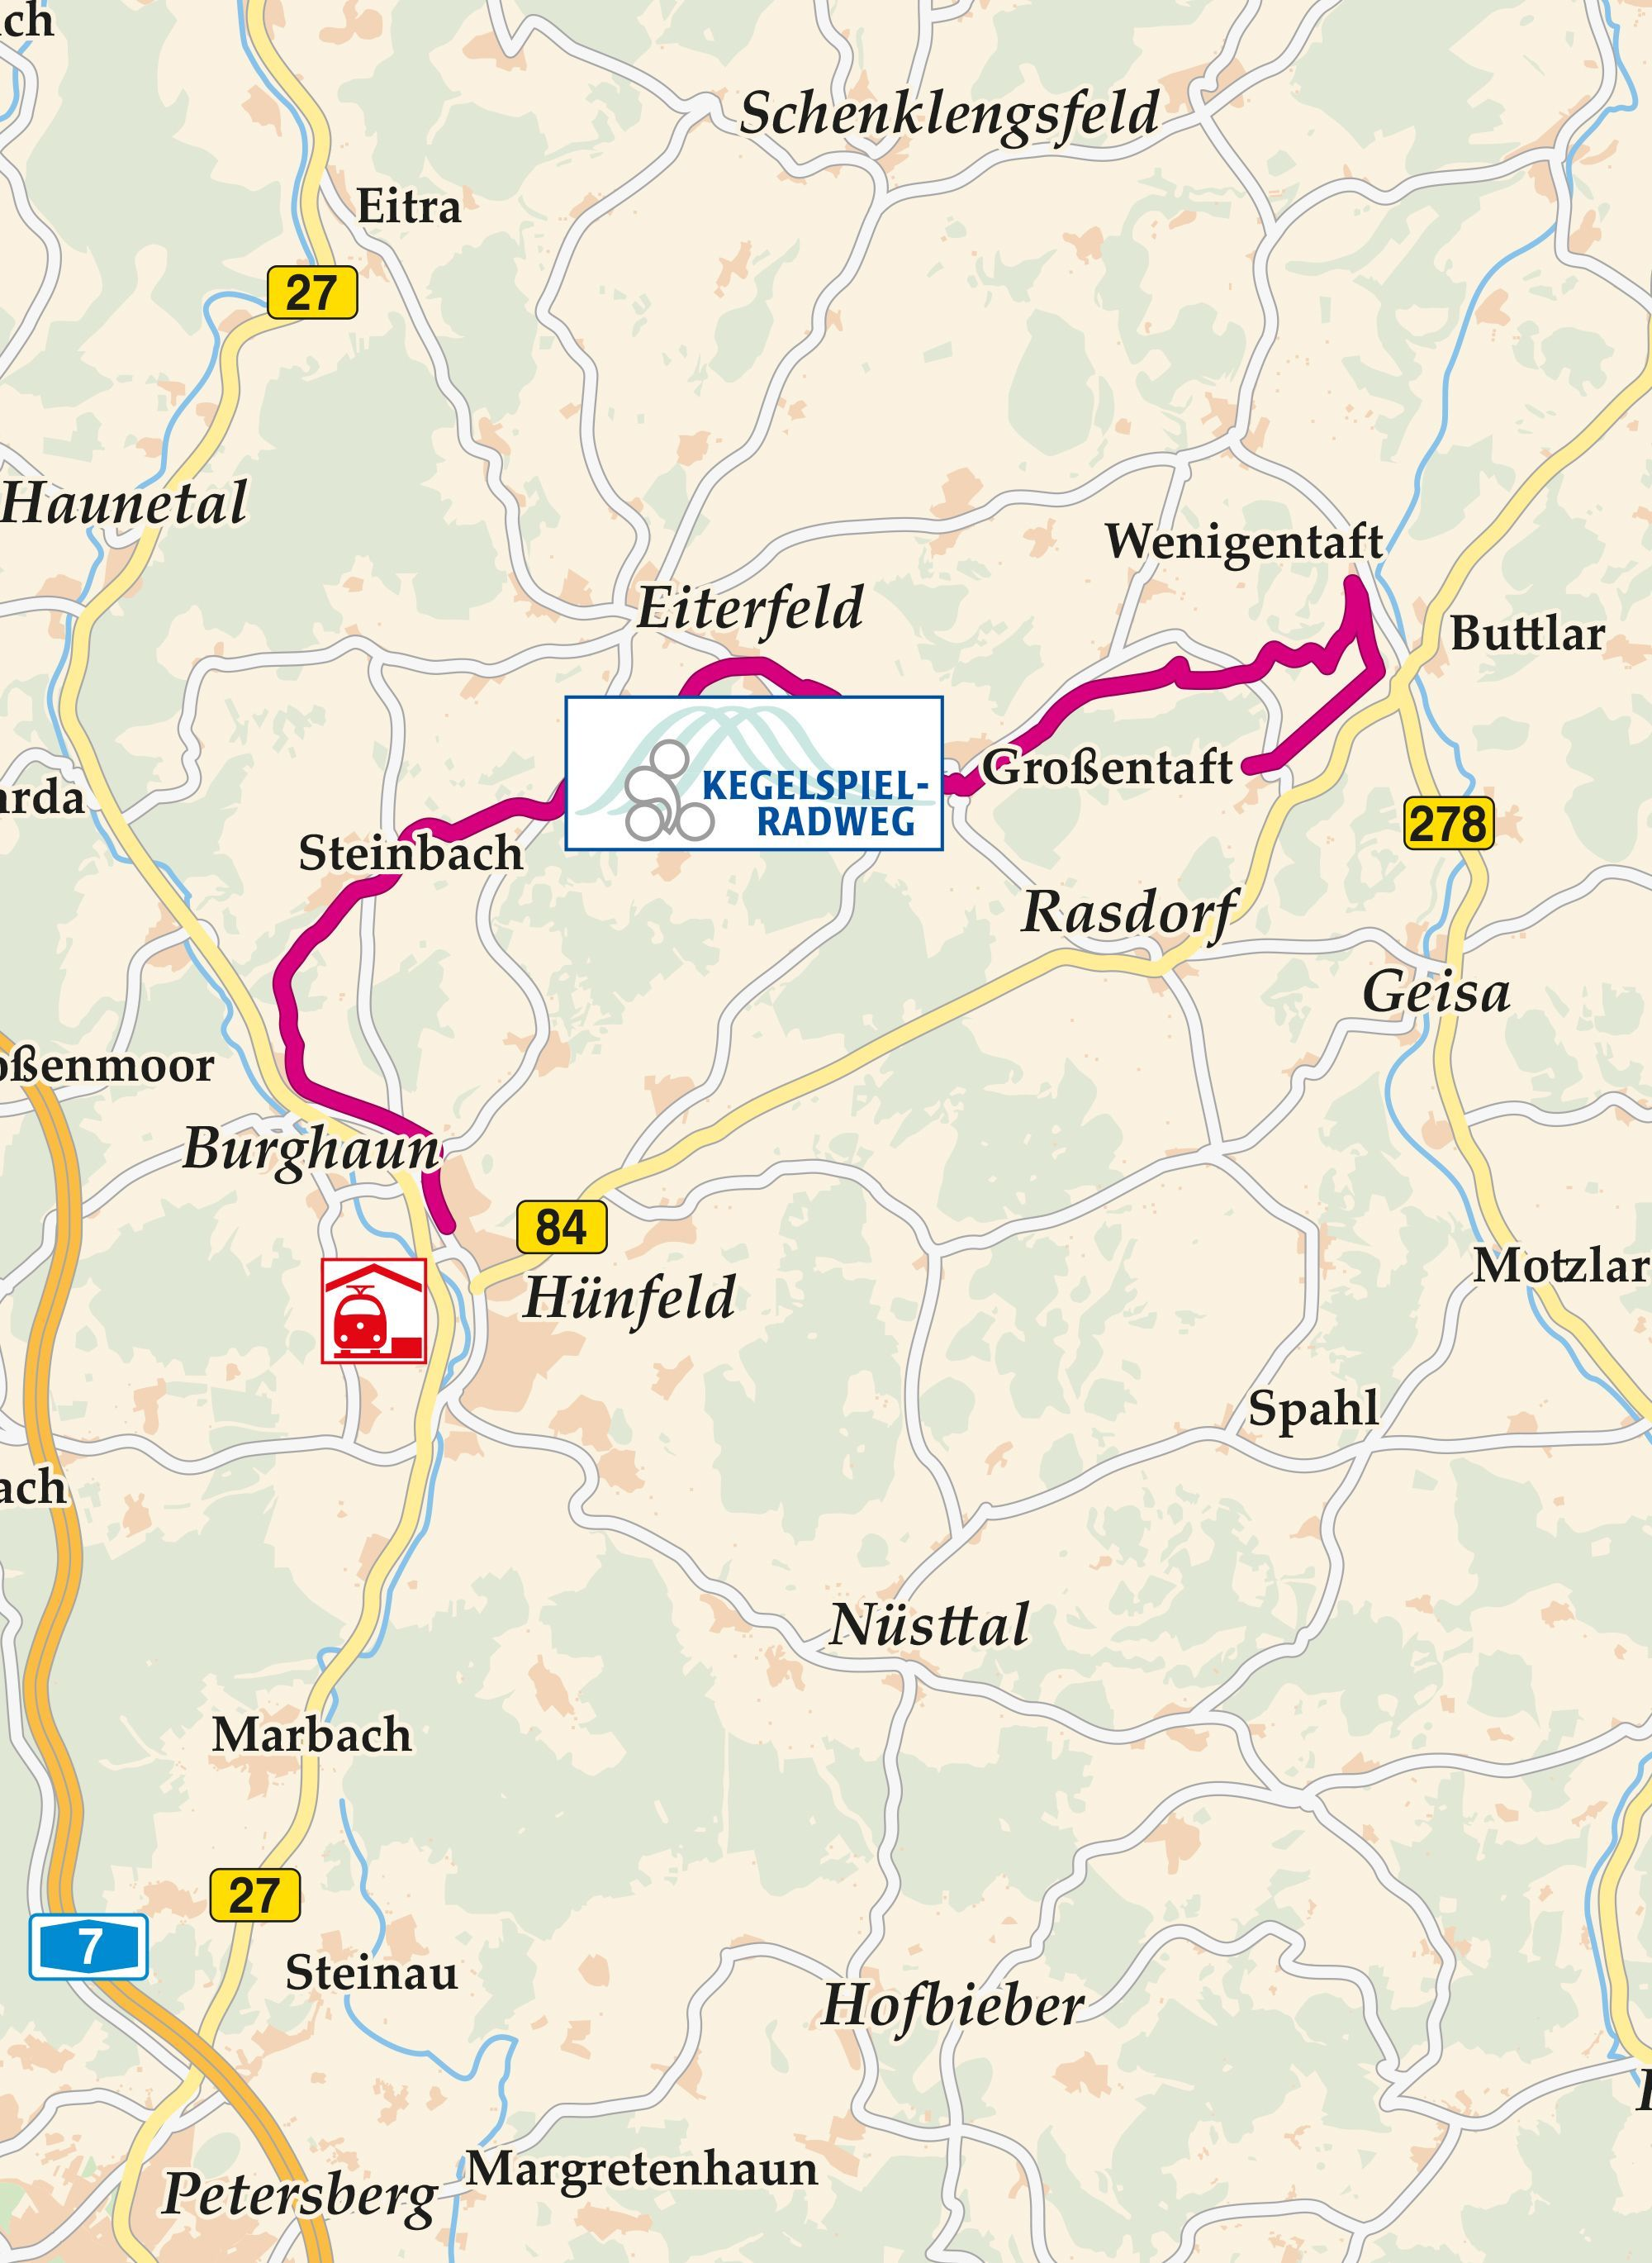 Kegelspiel Radweg Karte Kegelspiel Rad Radweg